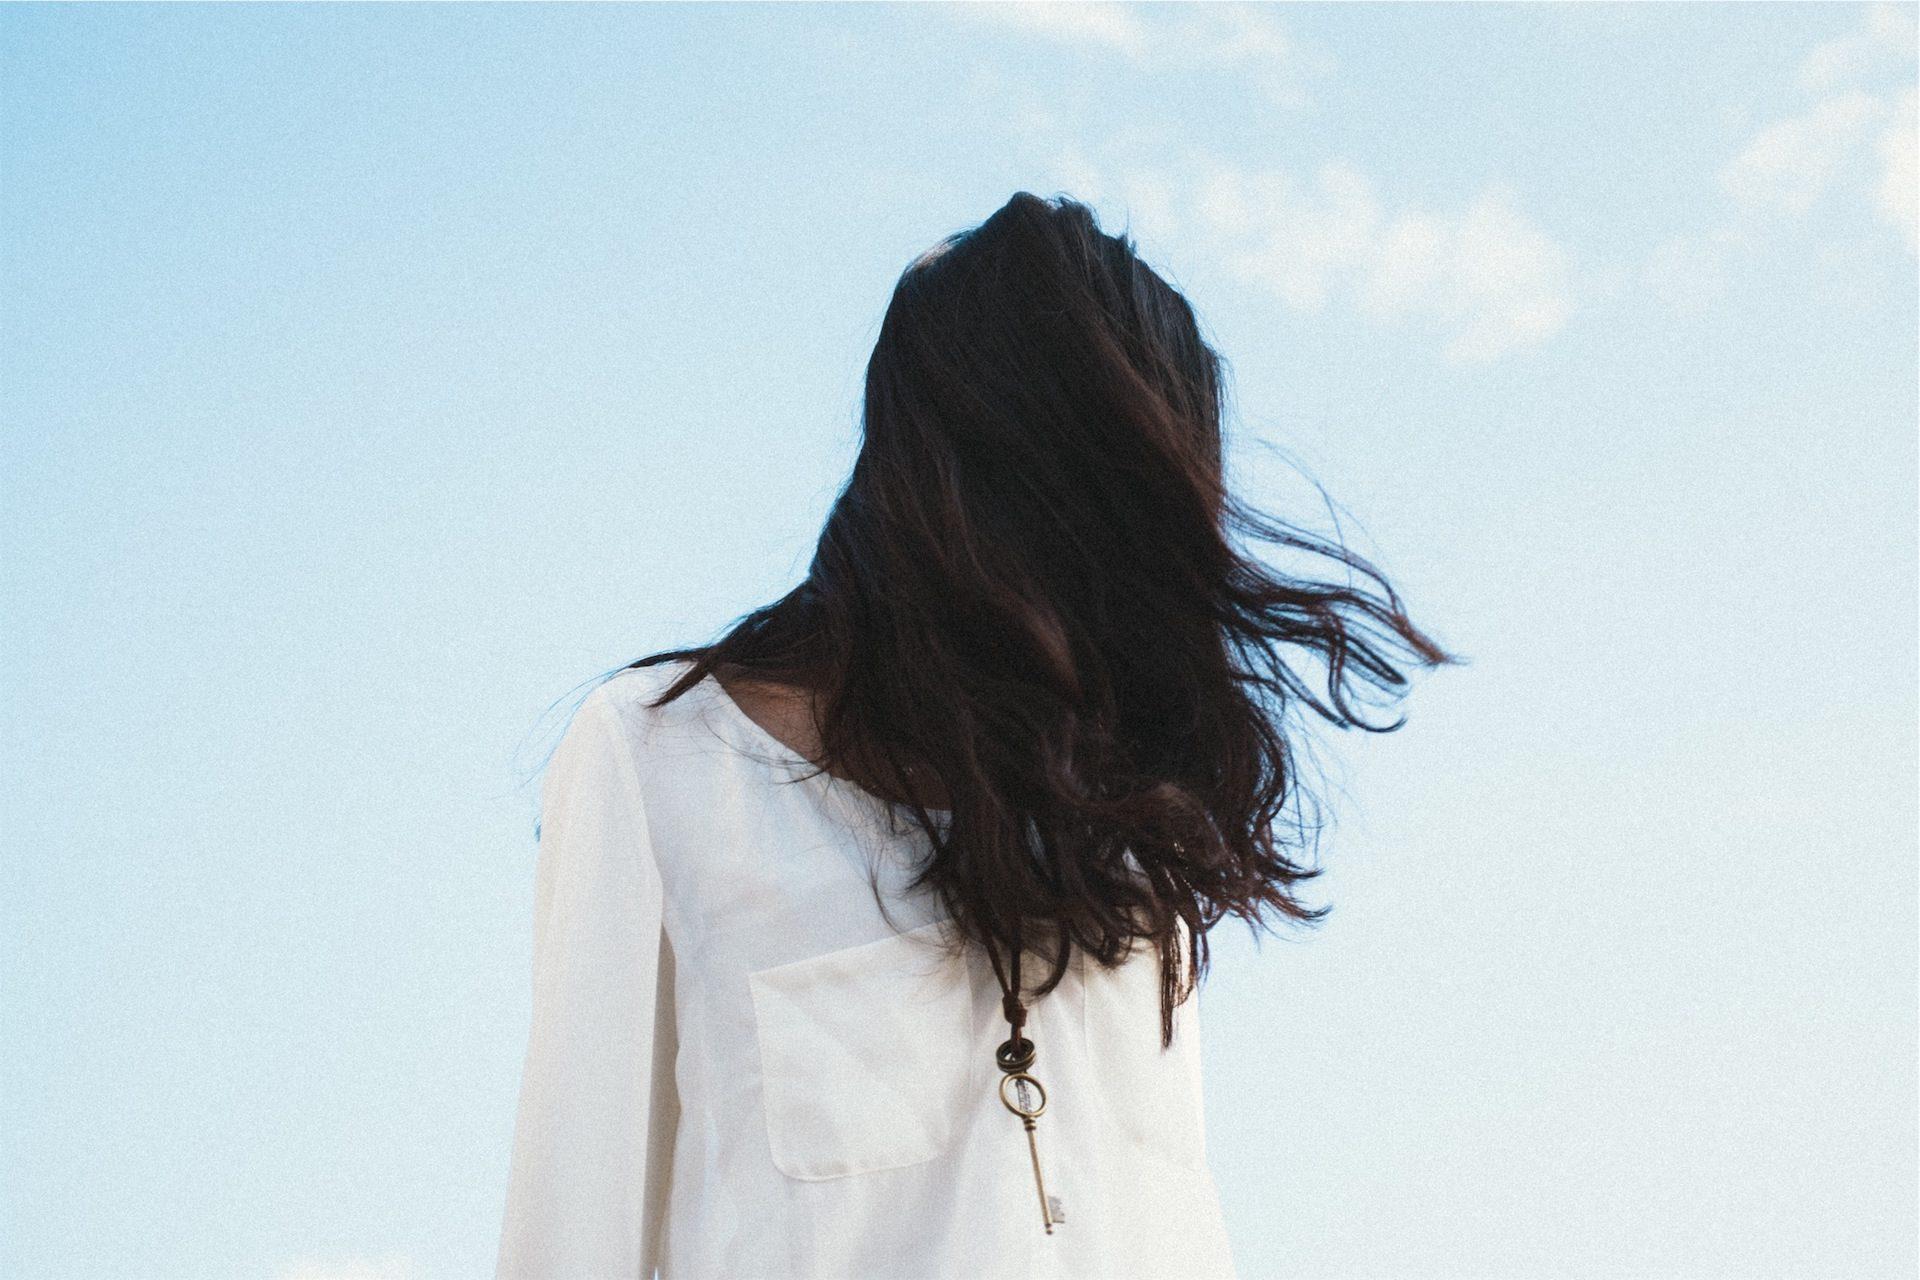 donna, capelli, lungo, Vento, chiave, Cielo - Sfondi HD - Professor-falken.com